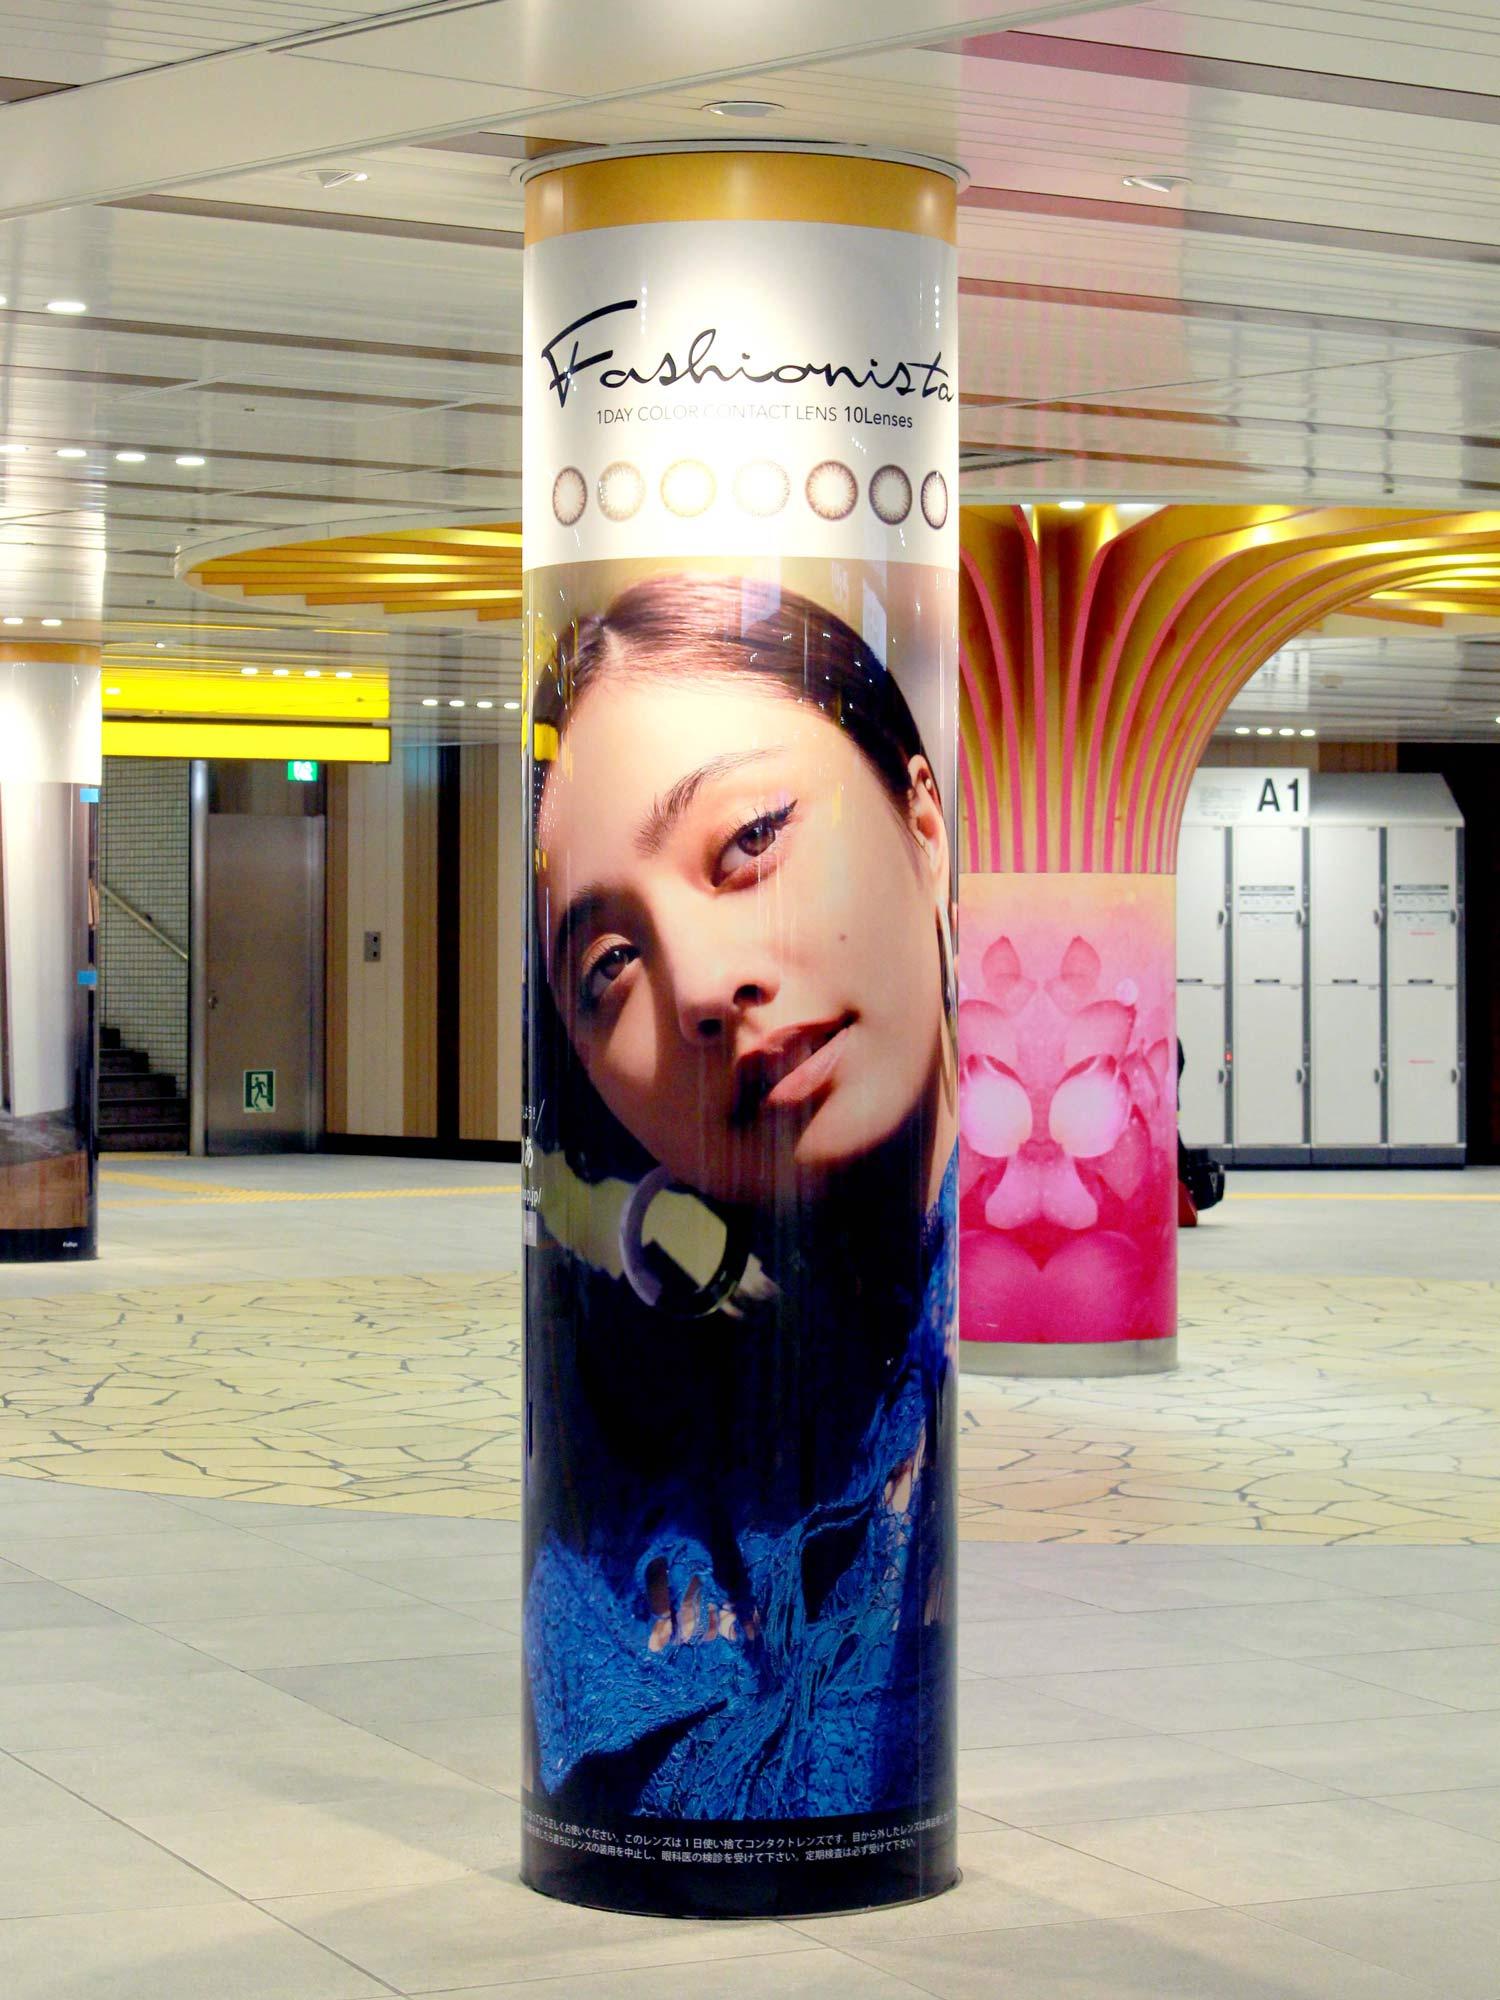 谷まりあ、モードからヴィンテージスタイルまで7変化で渋谷駅に登場!Fashionista_渋谷駅特大柱巻きポスターイメージ